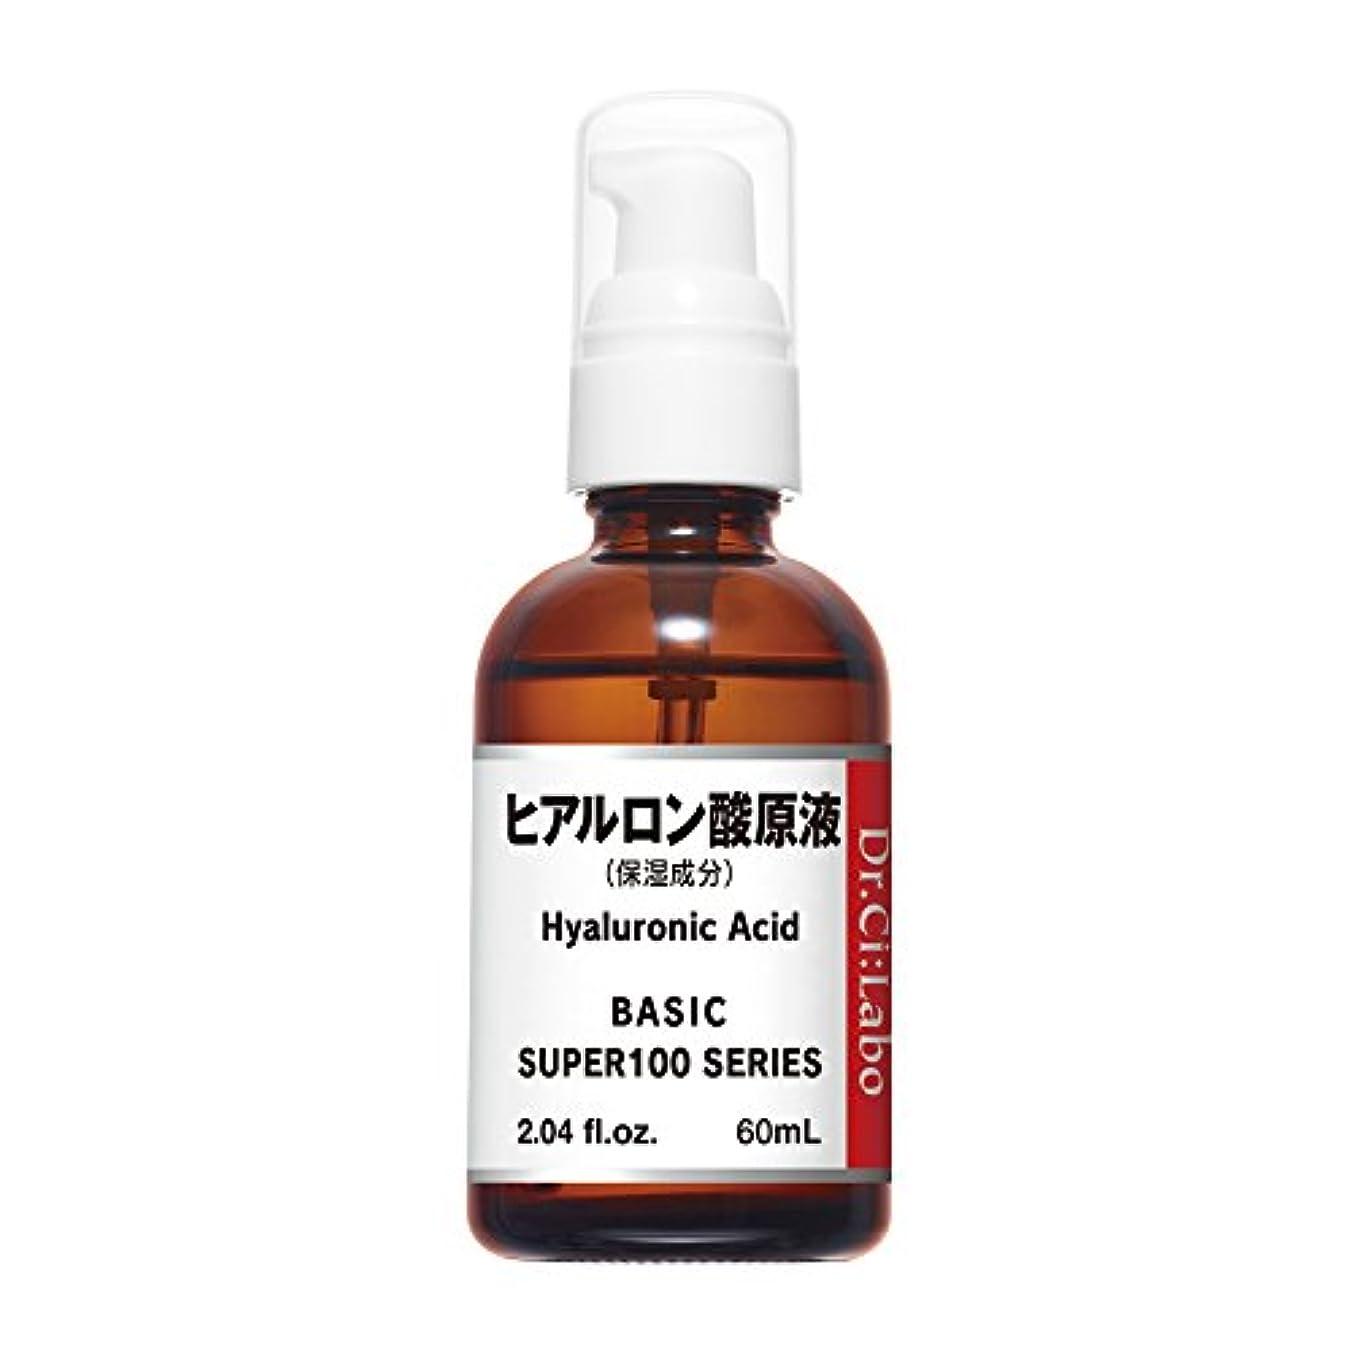 初期先見の明活気づけるドクターシーラボ スーパー100シリーズ ヒアルロン酸原液 60mL(BIG) 原液化粧品